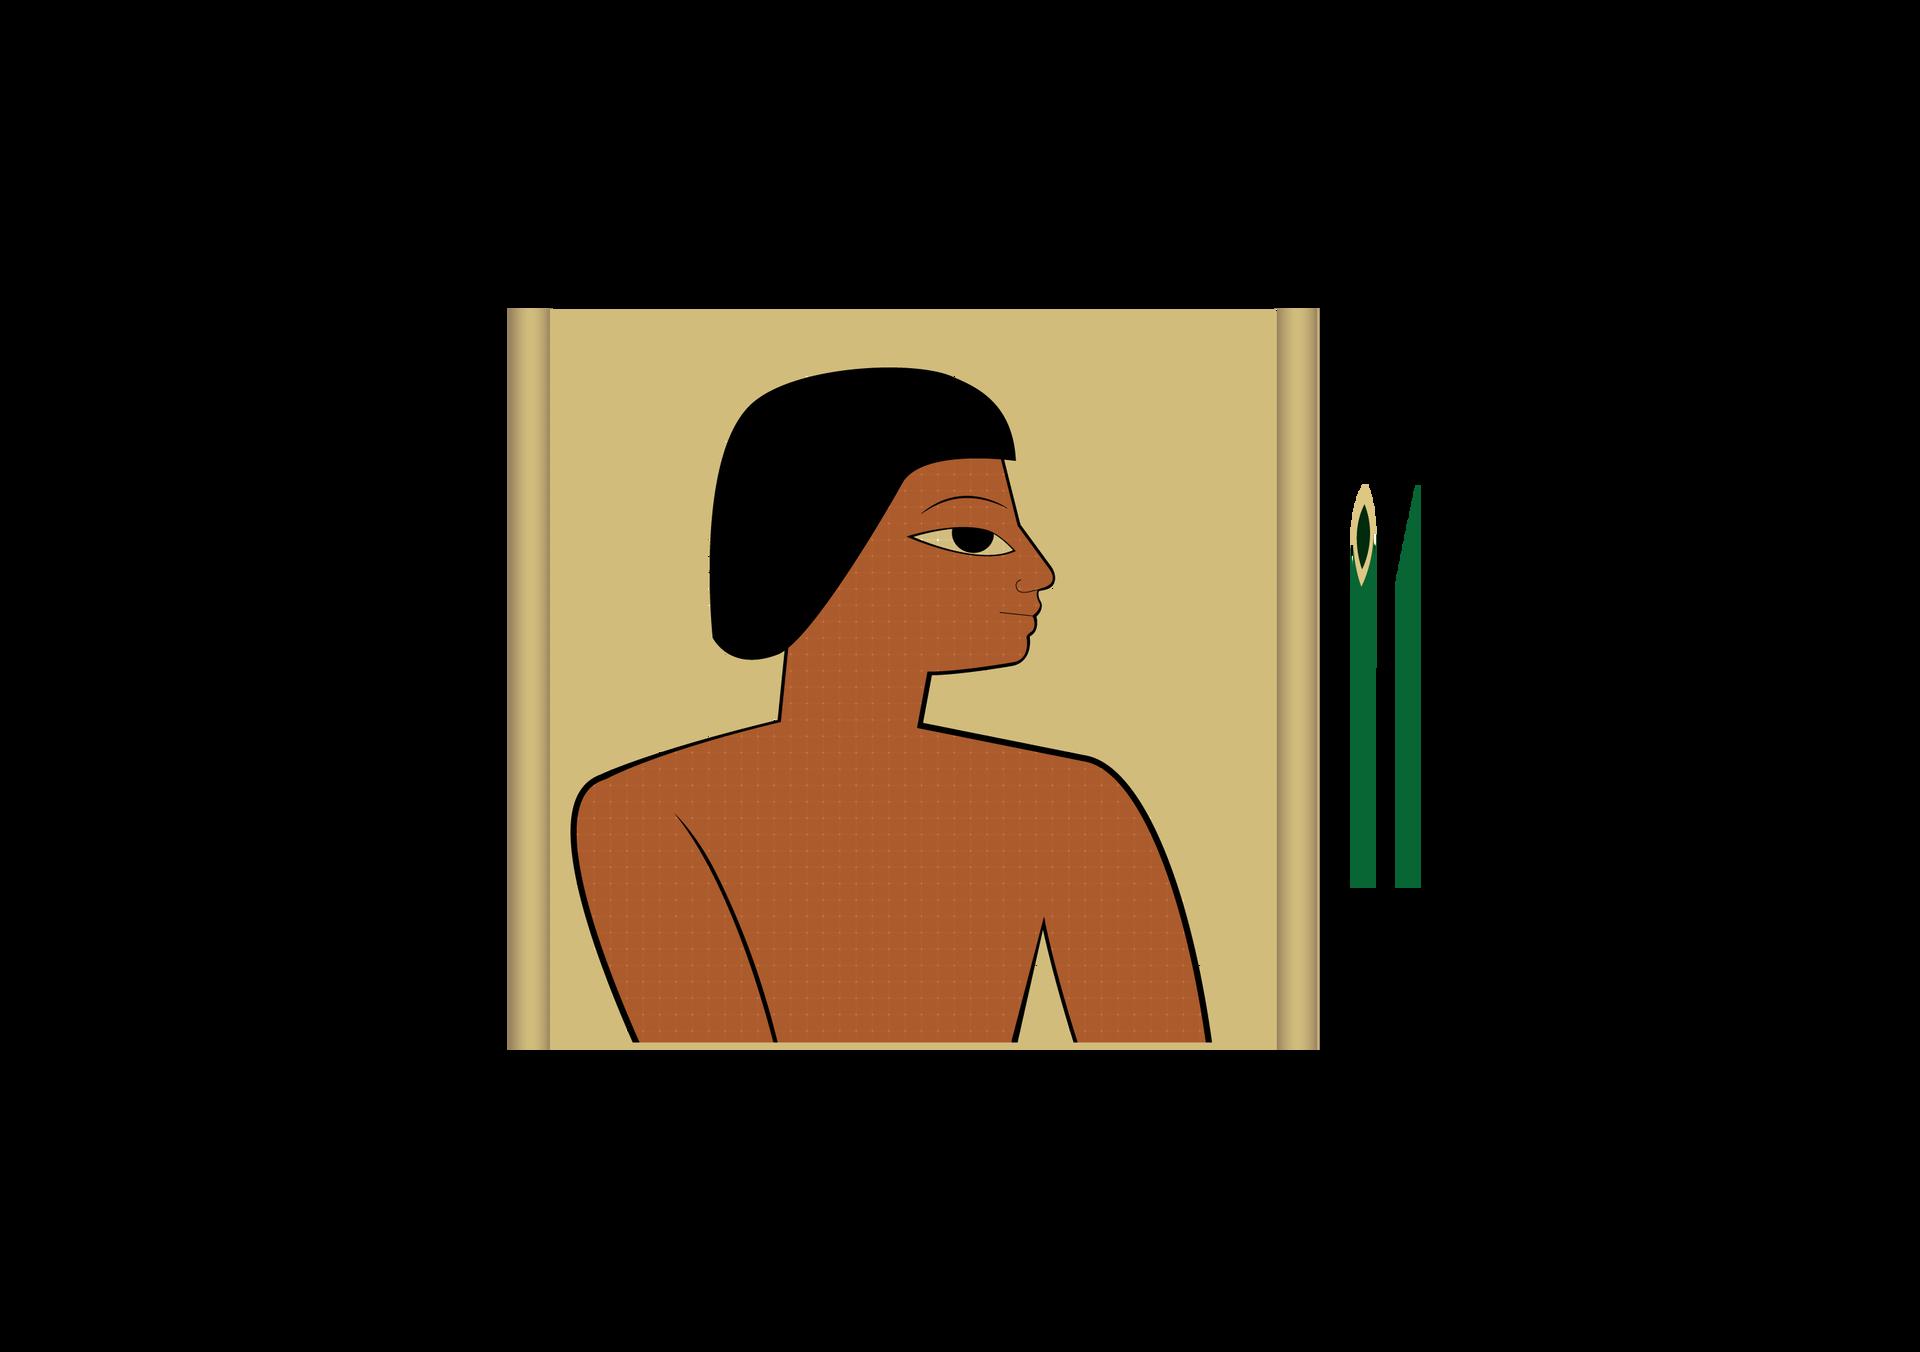 Na papirusie malowano specjalnymi pędzelkami, powstającymi wwyniku strzępienia końcówki trzciny Na papirusie malowano specjalnymi pędzelkami, powstającymi wwyniku strzępienia końcówki trzciny Źródło: Contentplus.pl sp. zo.o., licencja: CC BY 3.0.